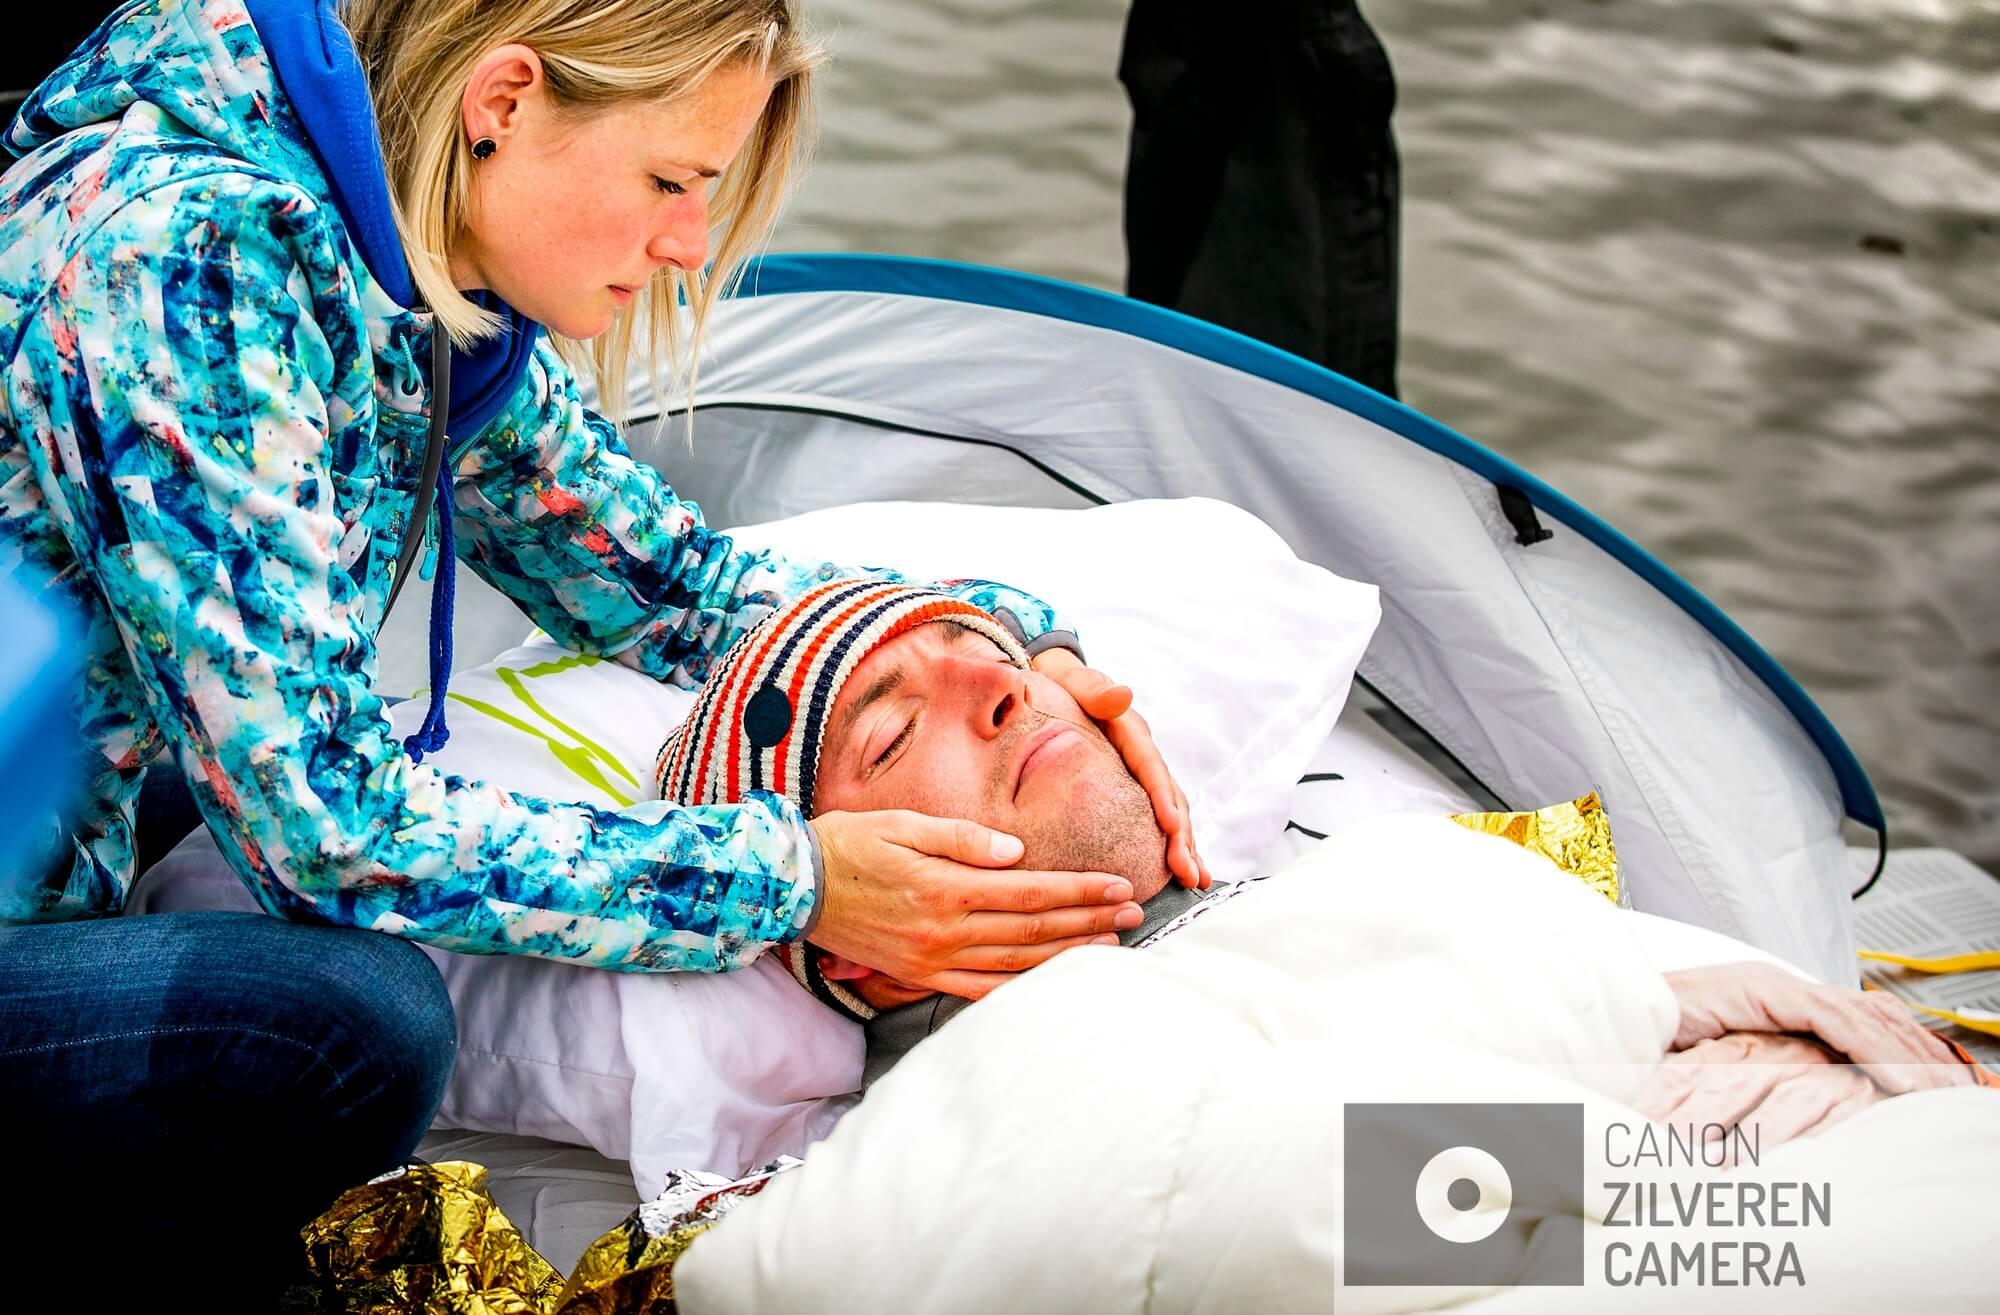 BIRDAARD - Daisy, de vrouw van Maarten van der Weijden , ontfermt zich over hem nadat de zwemmer zijn zwemtocht langs elf Friese steden heeft moeten staken. Met zijn zwemtocht haalde de olympisch zwemmer geld op voor kankeronderzoek.